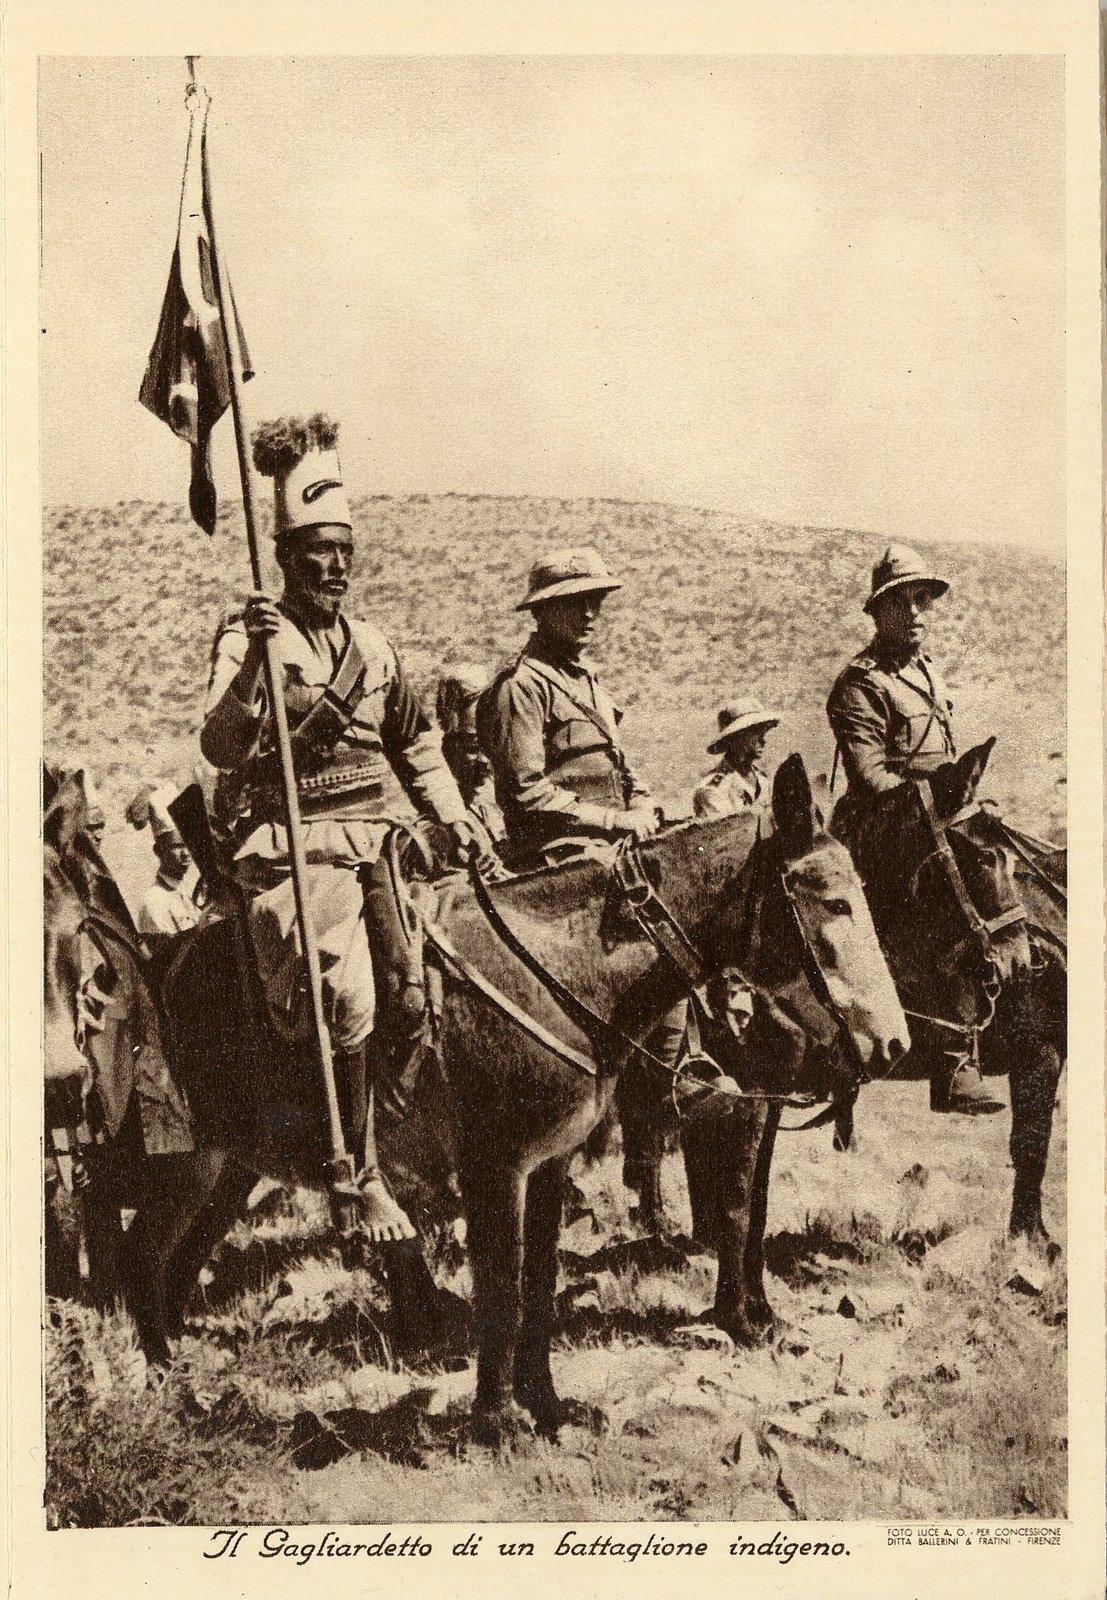 Ascari Eritrea. Immagini. Gagliardetto di un Battaglione Indigeno